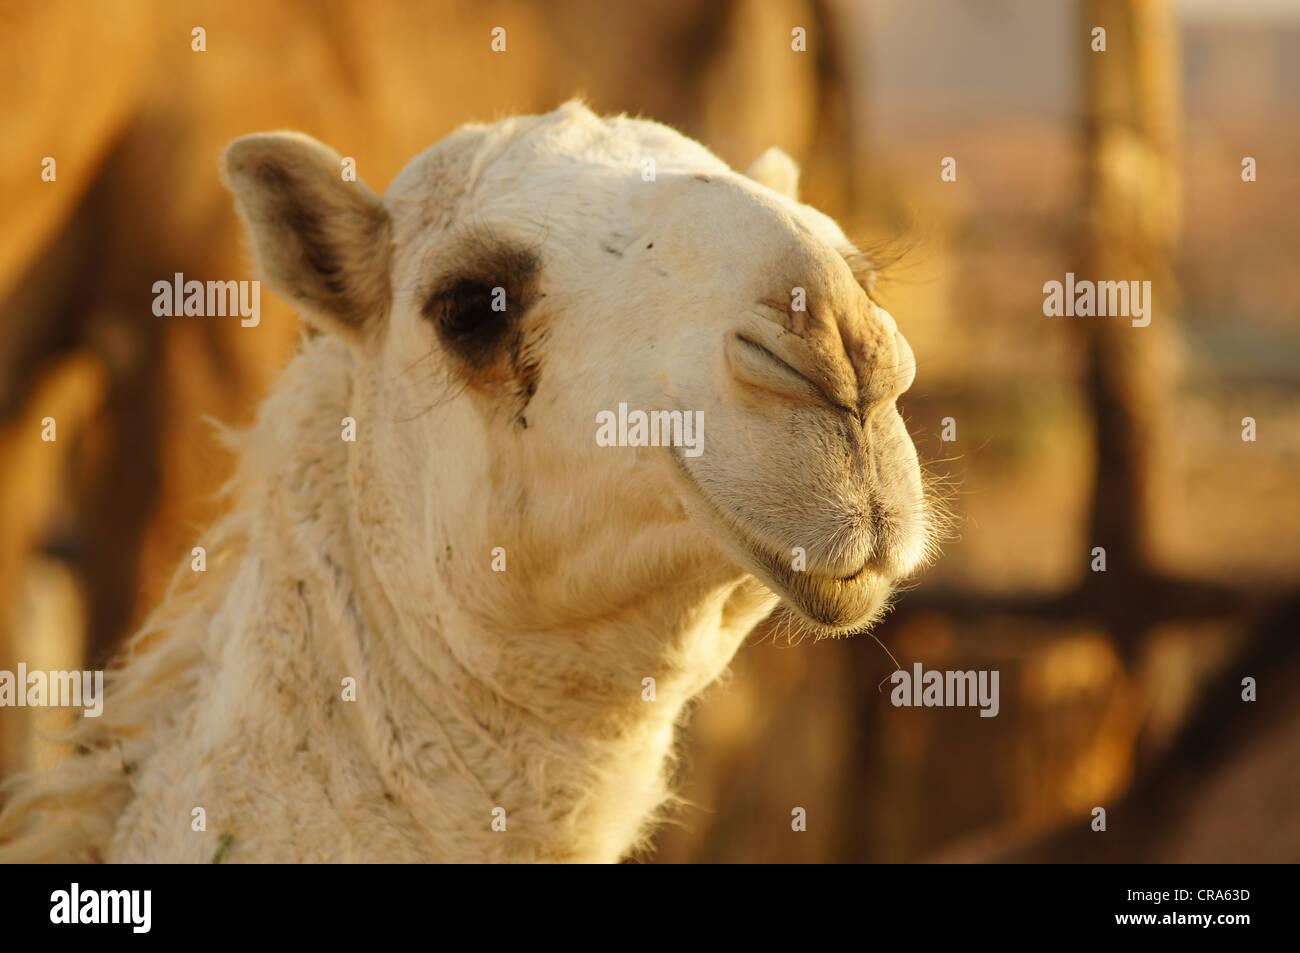 Cerca de la cabeza de un camello en las arenas rojas, Riad, Reino de Arabia Saudita Imagen De Stock